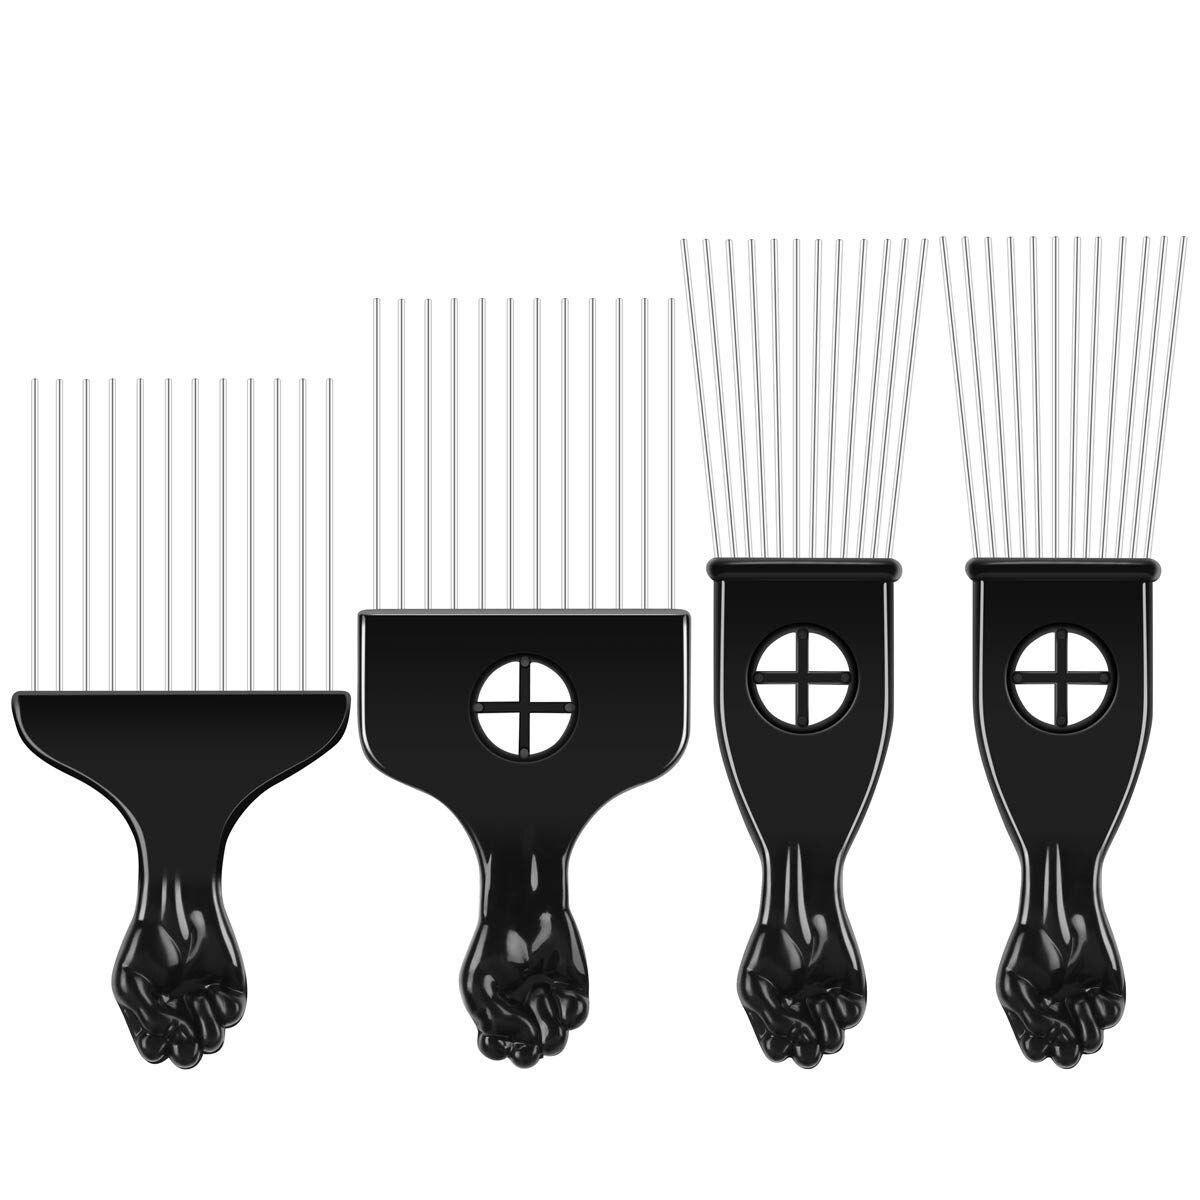 4 Pcs Pick Comb African American Hair Brush Metal Hair